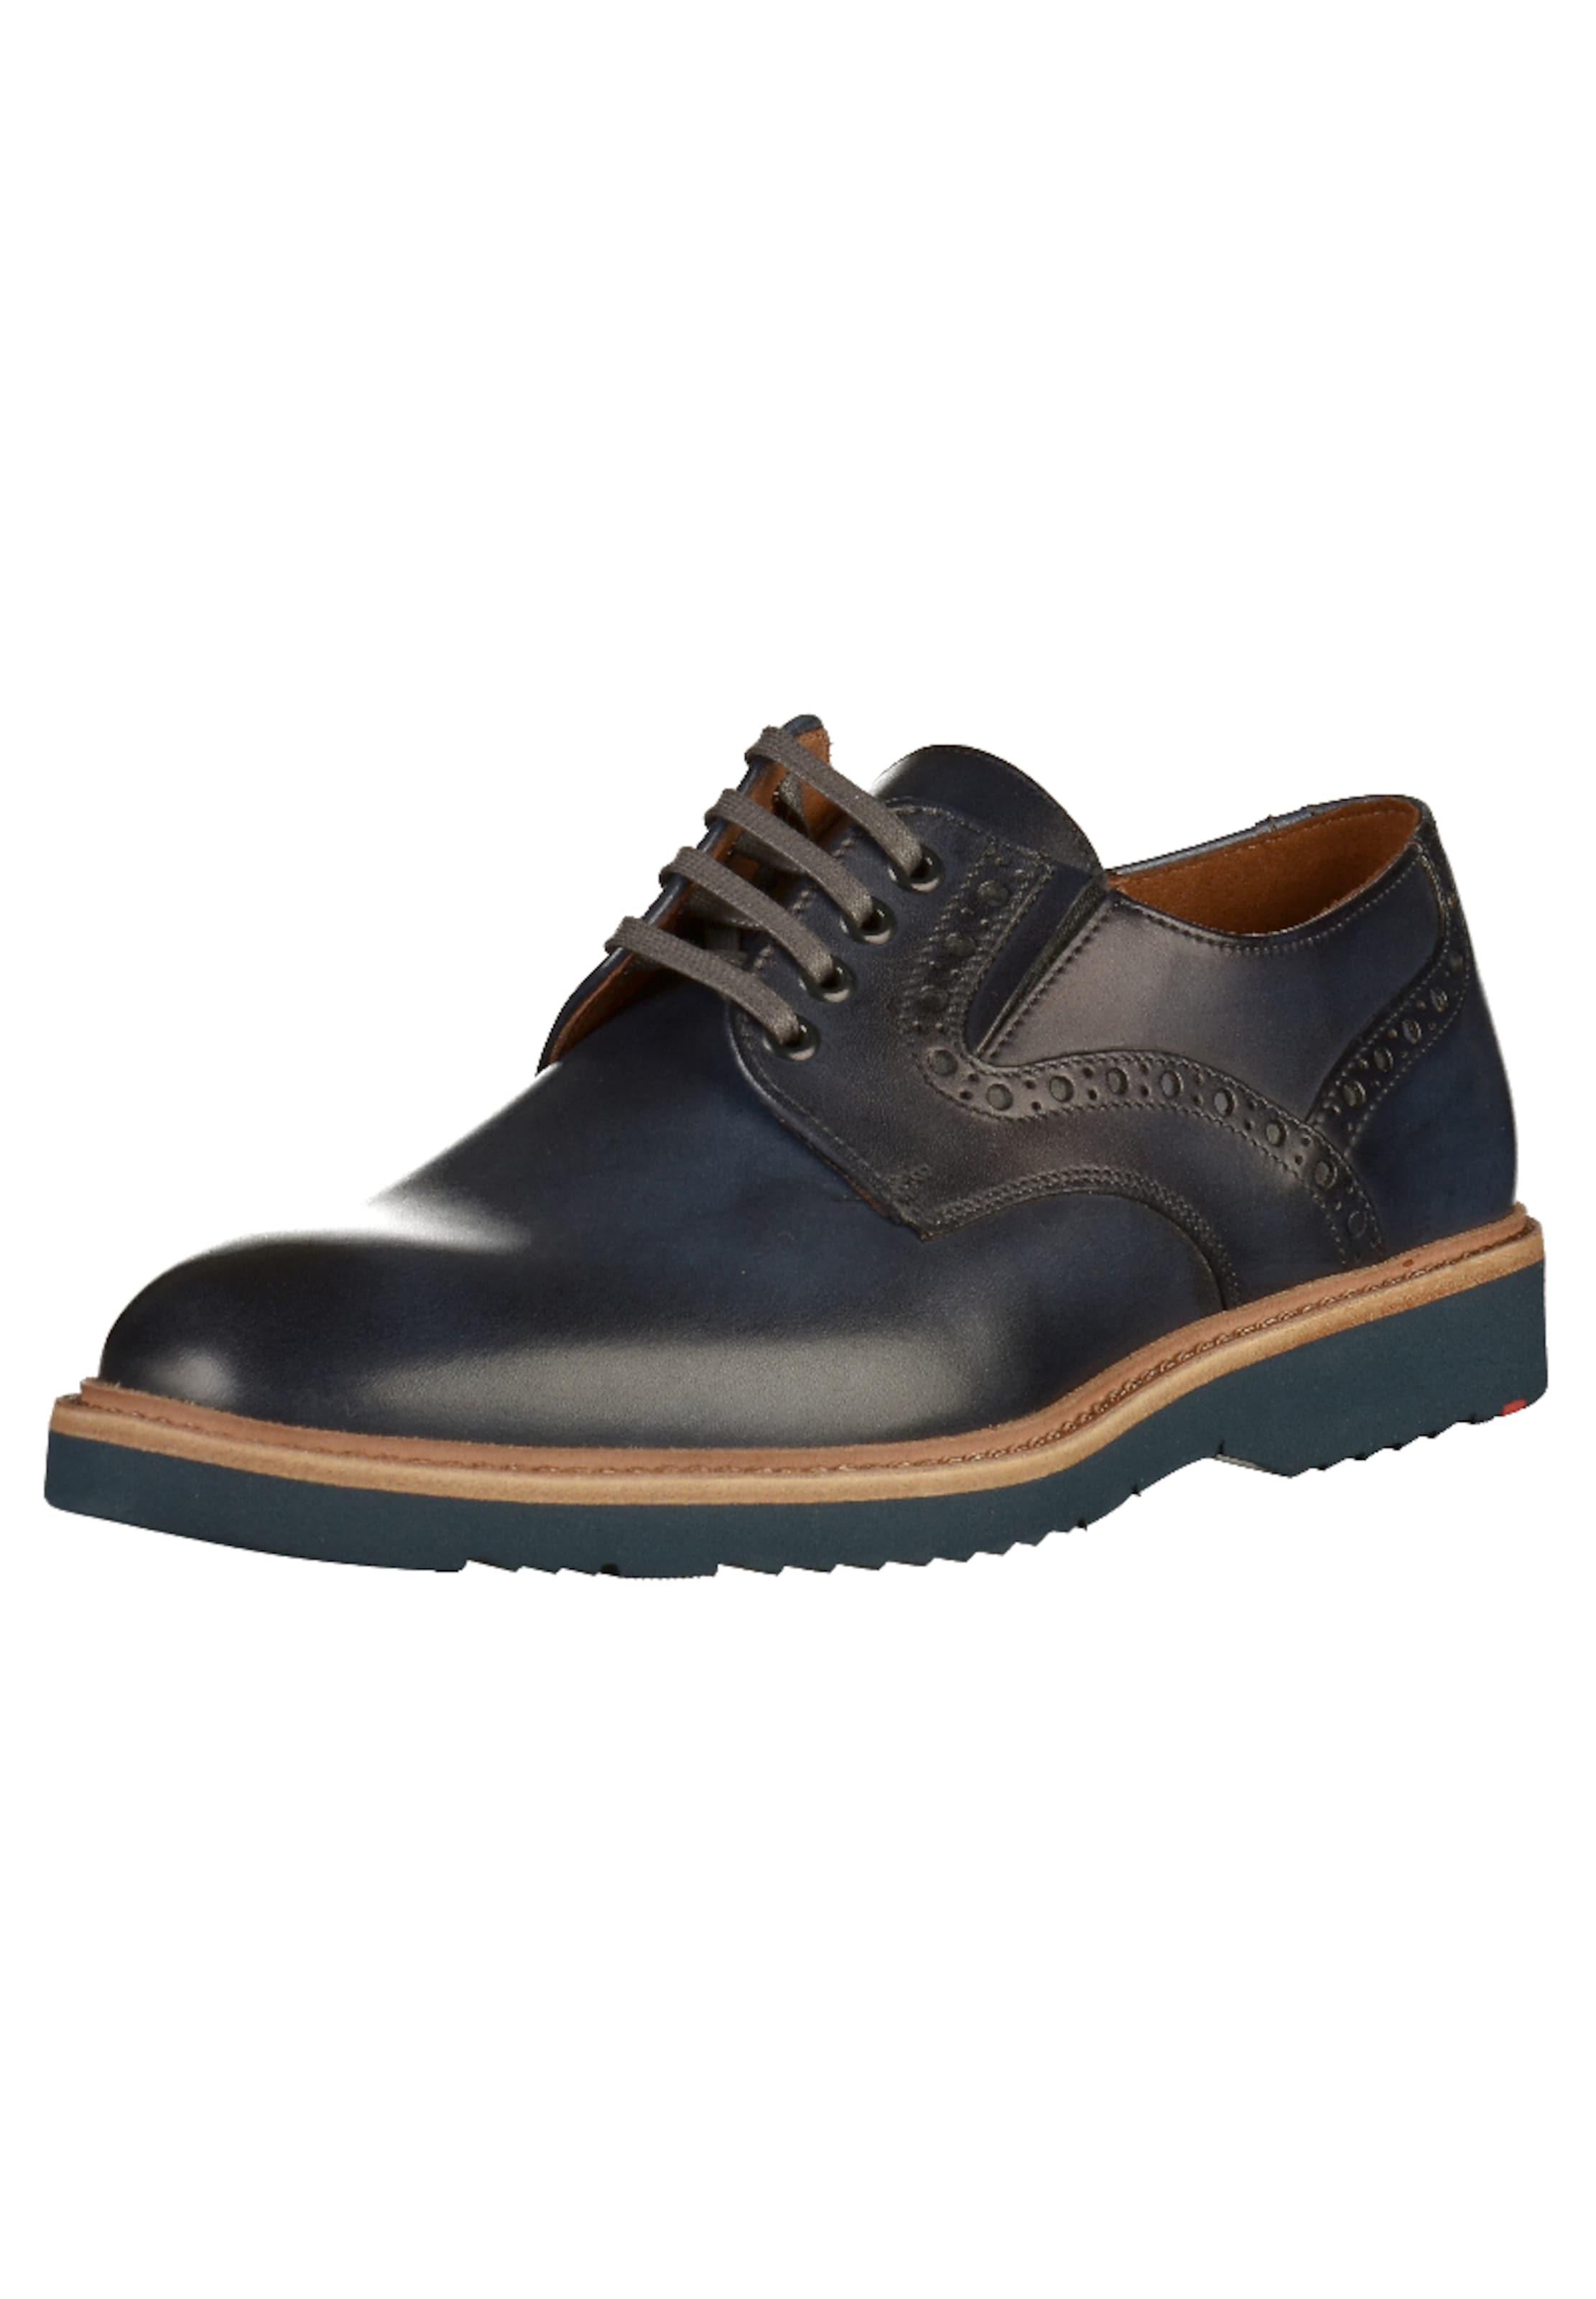 LLOYD Halbschuhe Verschleißfeste billige Schuhe Hohe Qualität